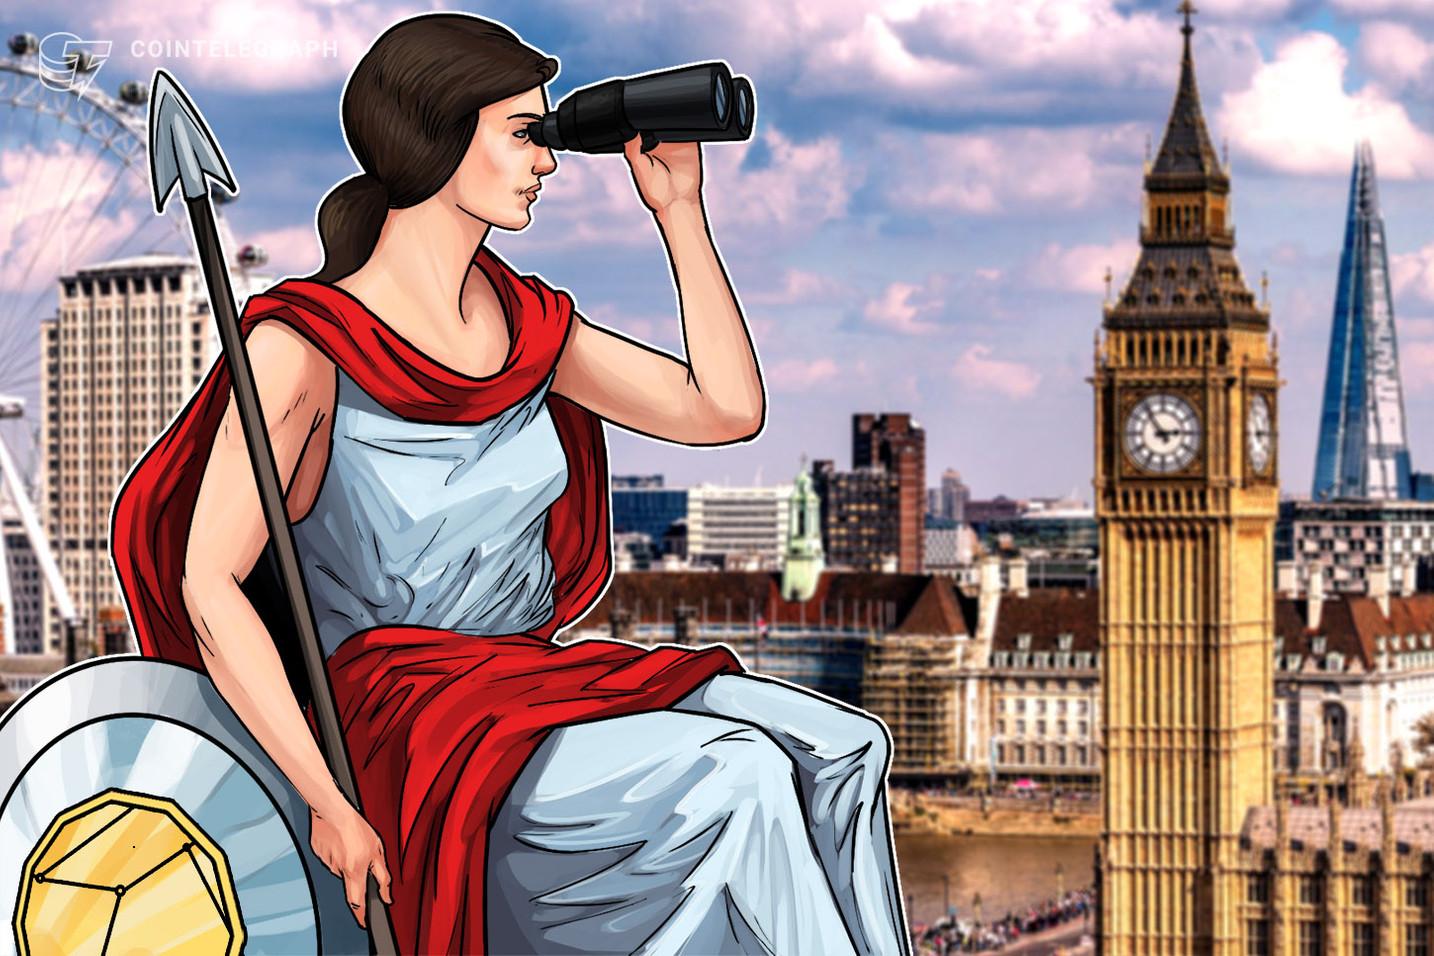 「仮想通貨は、銀行の信用創造機能に影響」 英中央銀行副総裁が警告